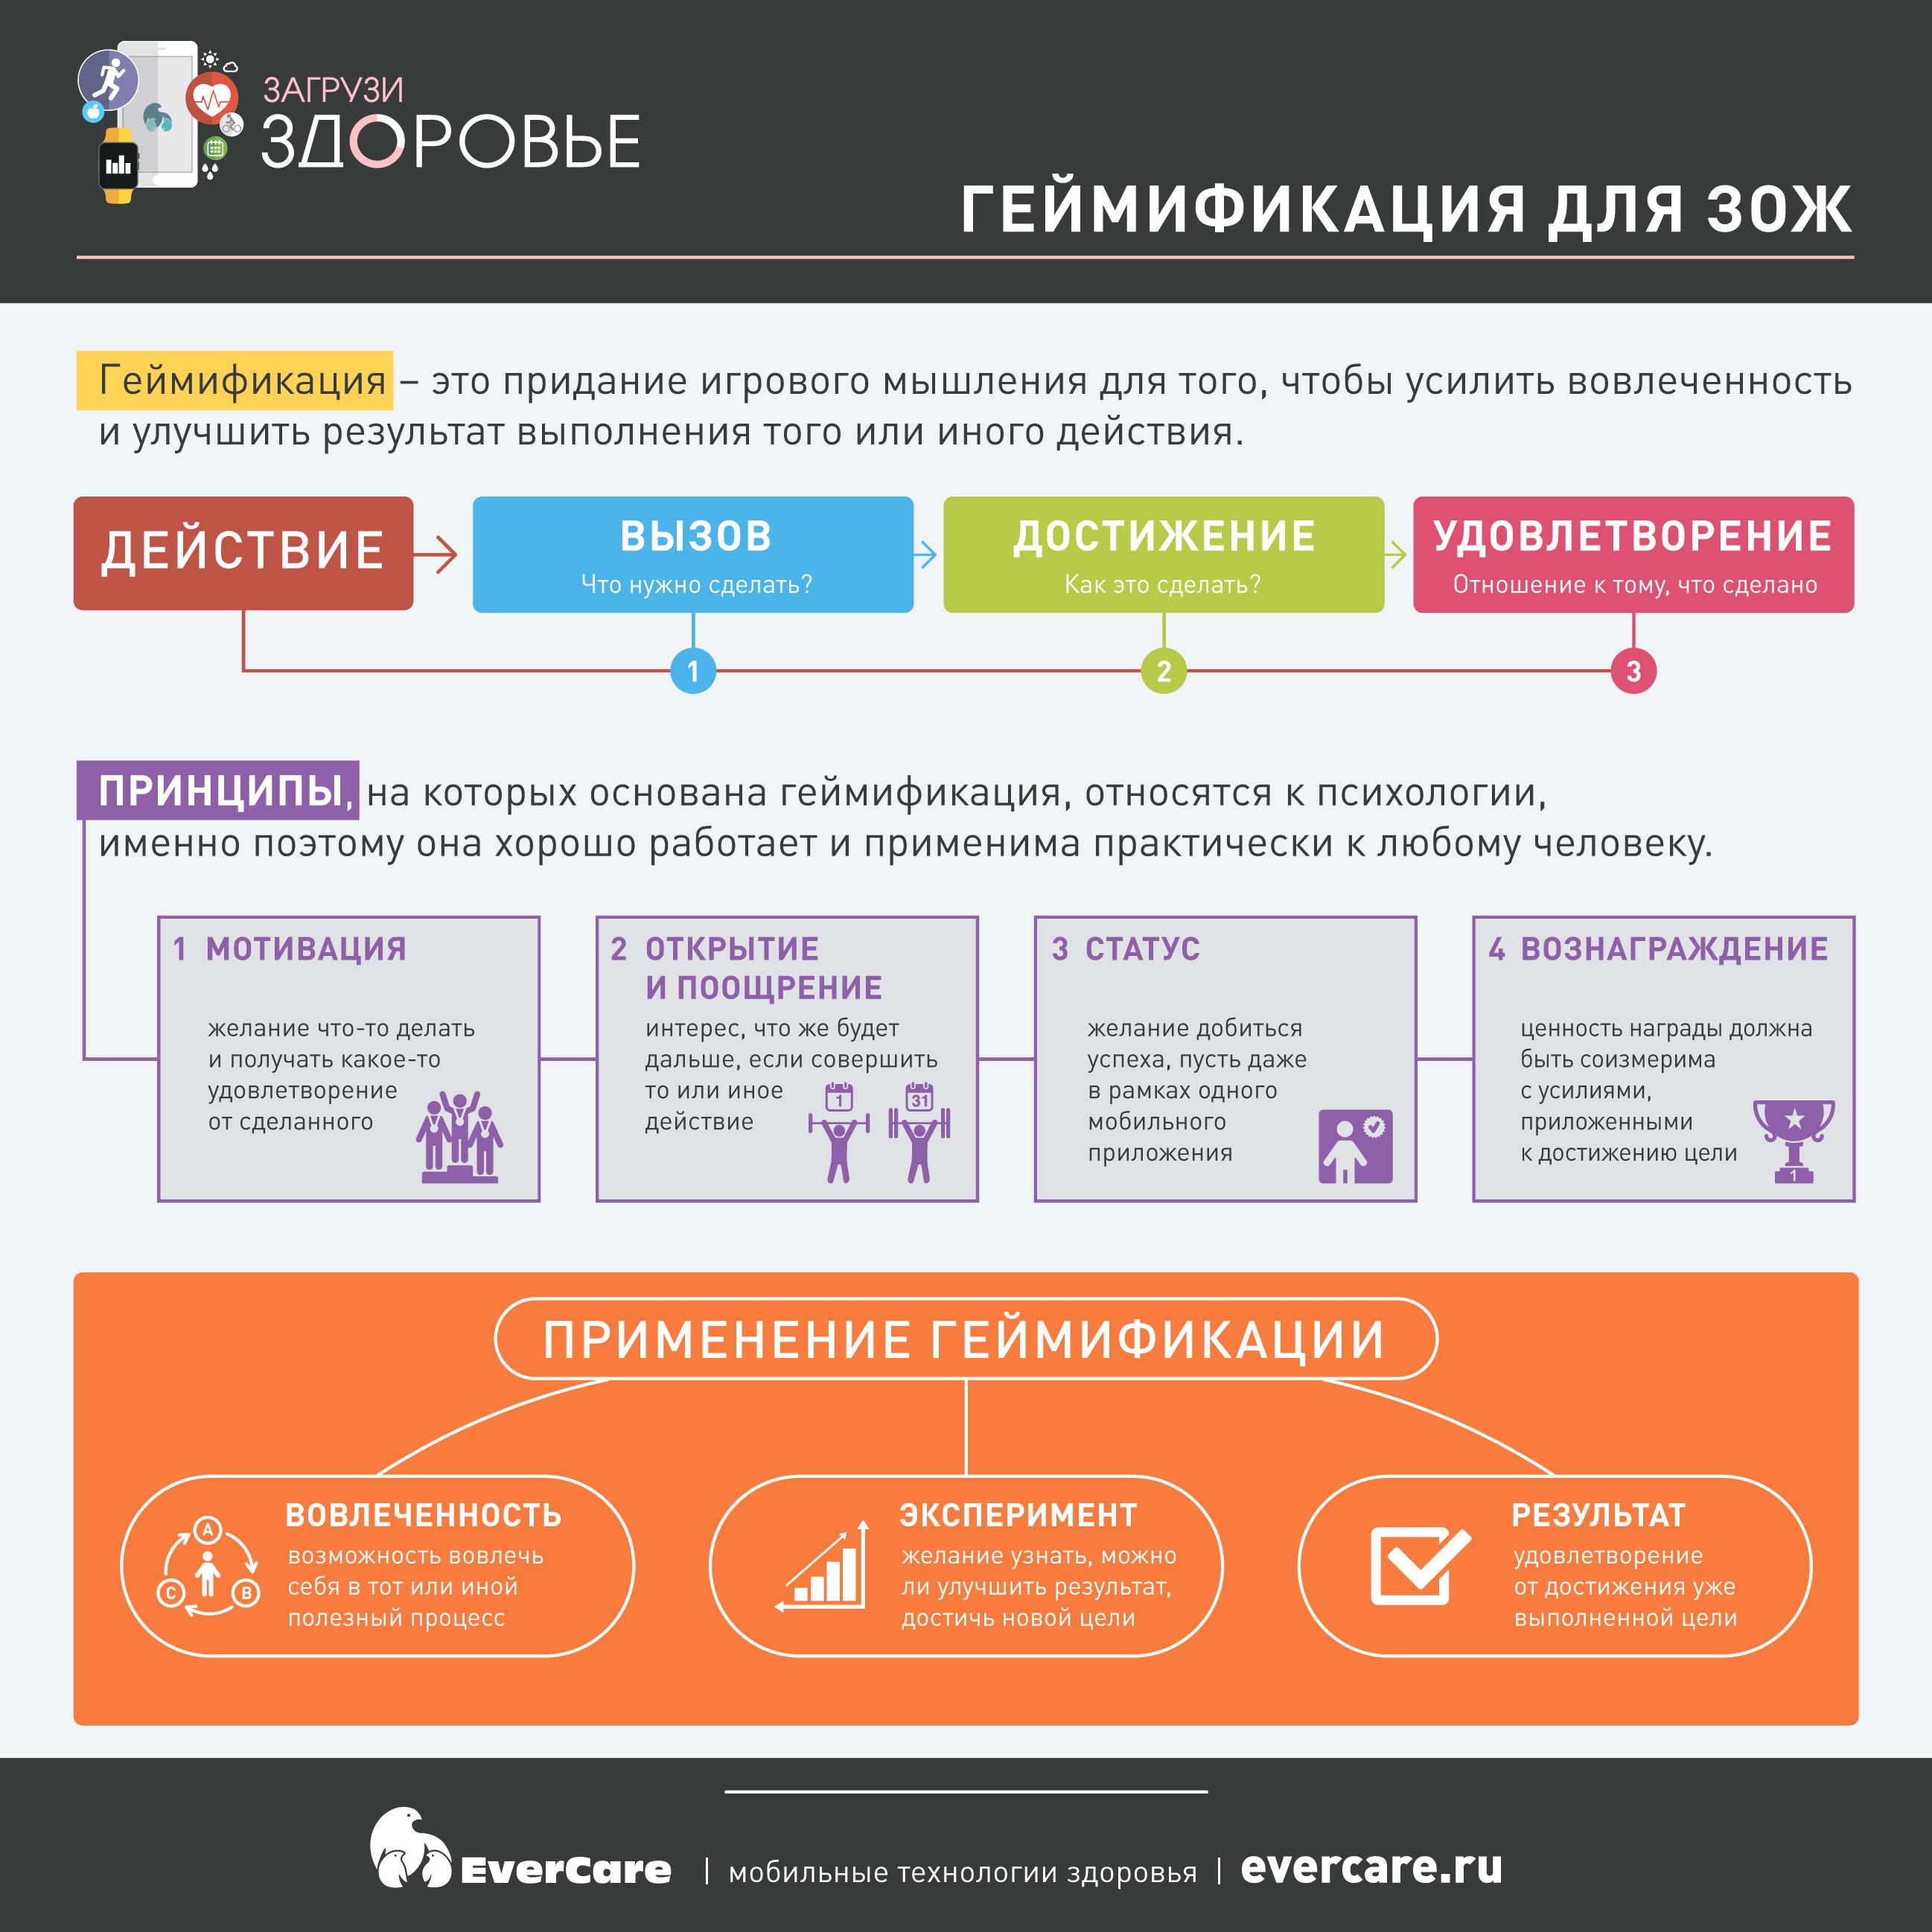 Геймификация для ЗОЖ, Инфографика